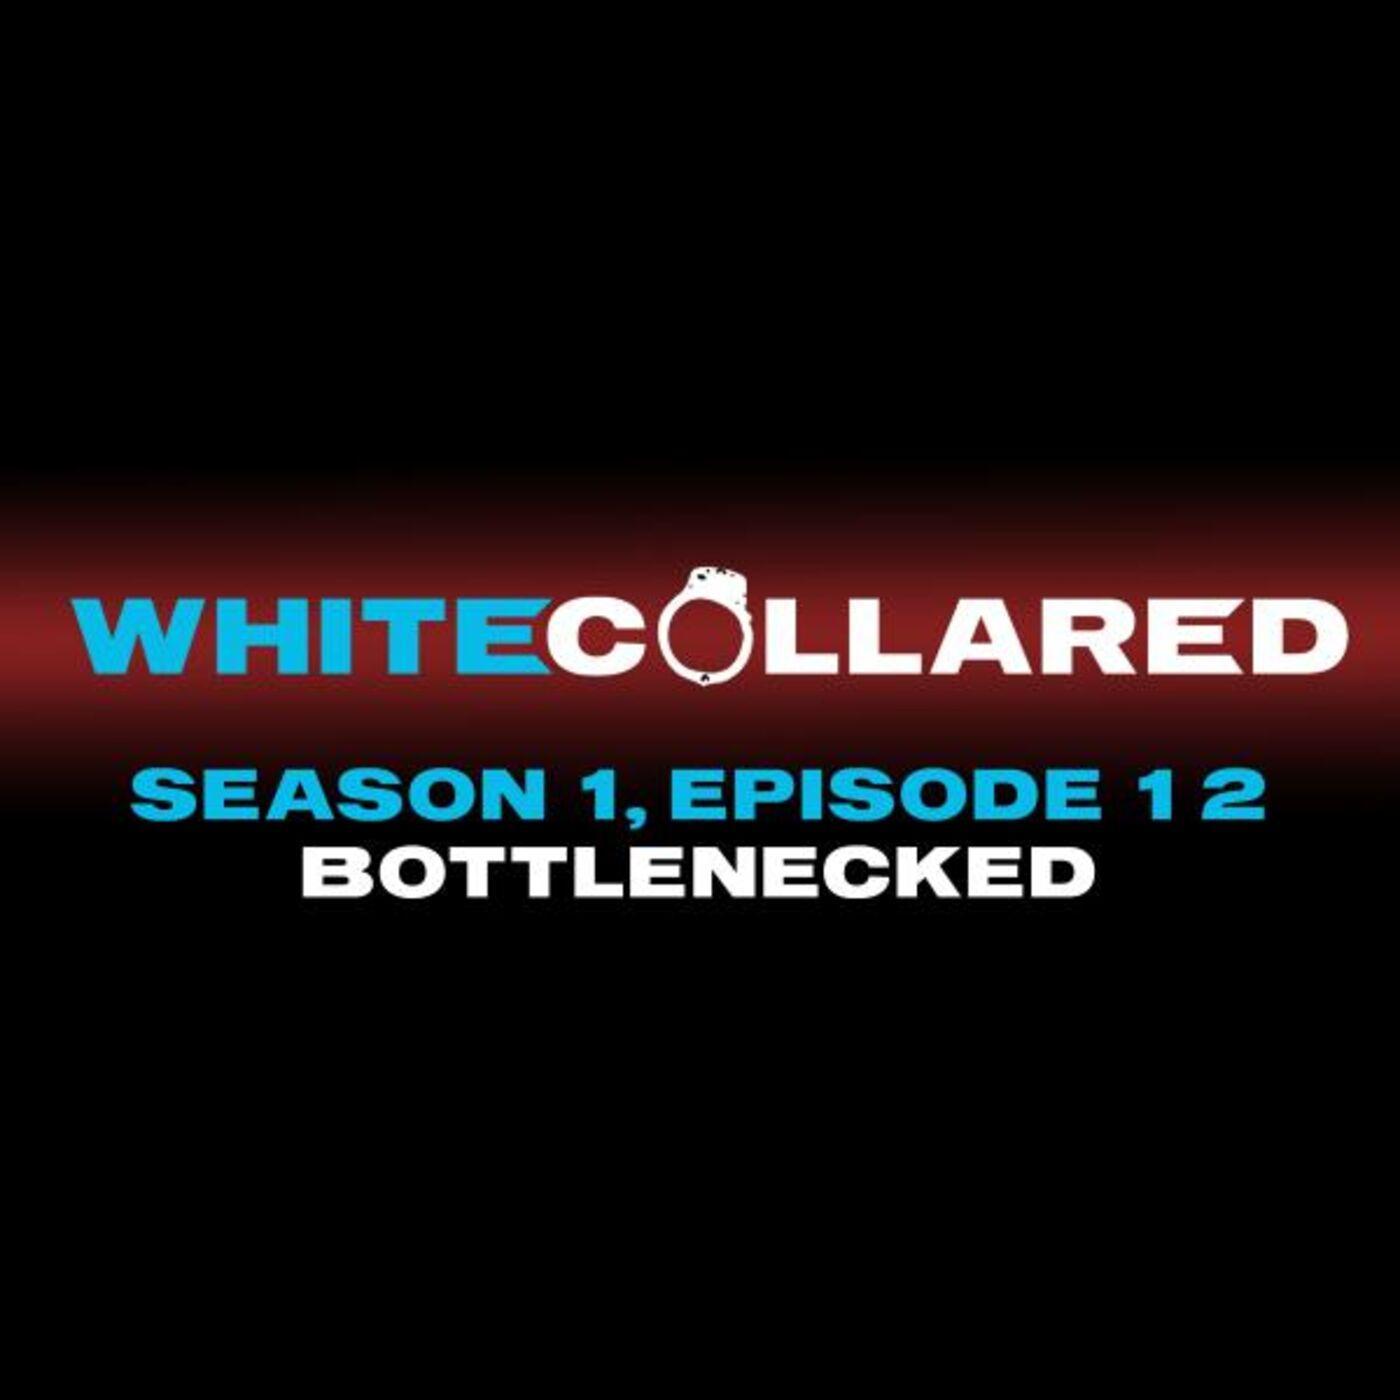 Bottlenecked